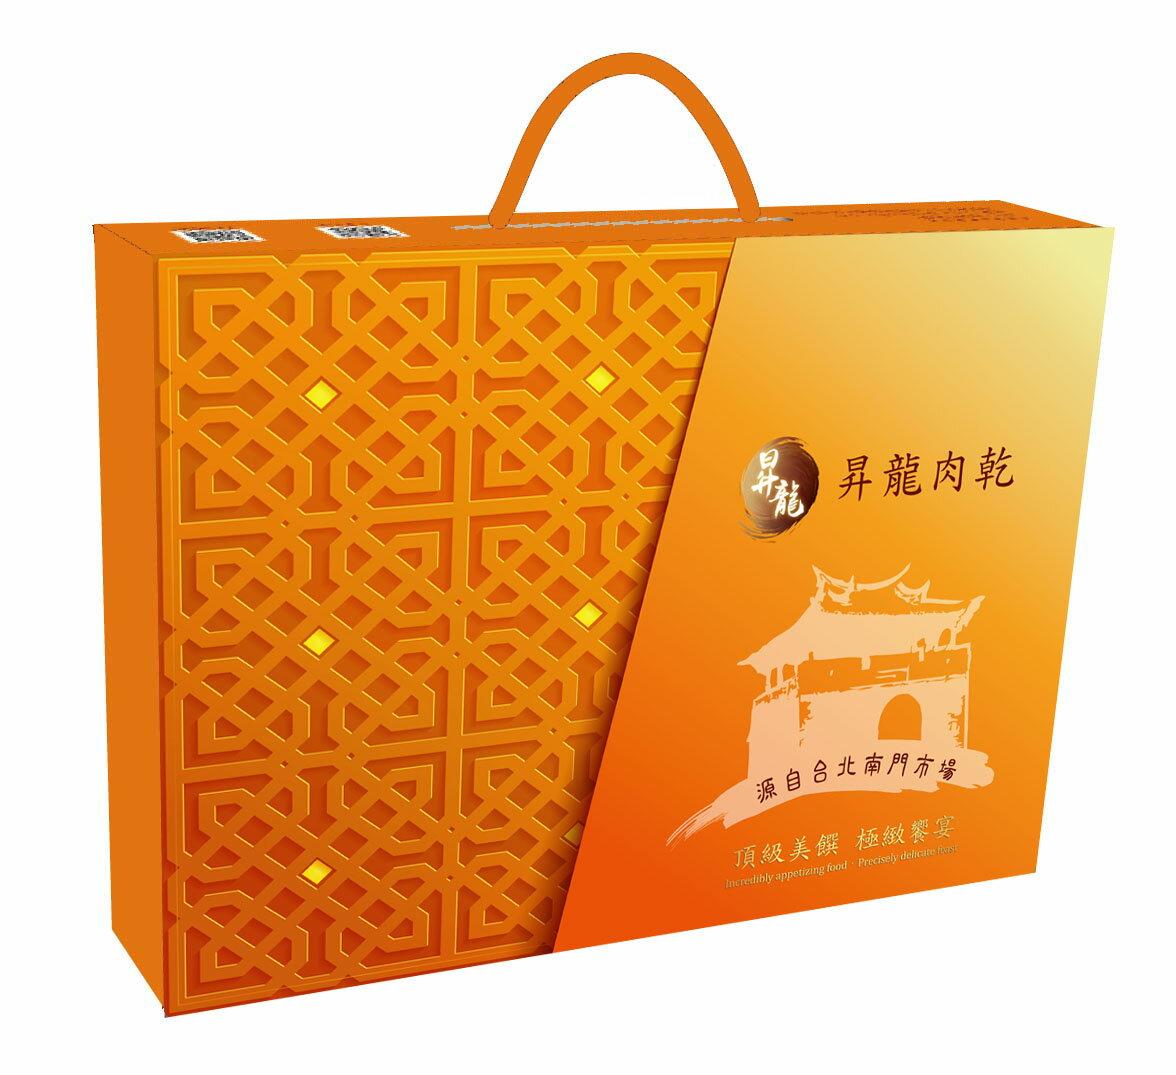 【【昇龍肉乾】極尚海鮮禮盒 六選三 魷魚絲/飛卷片/香酥中蝦/杏仁小魚